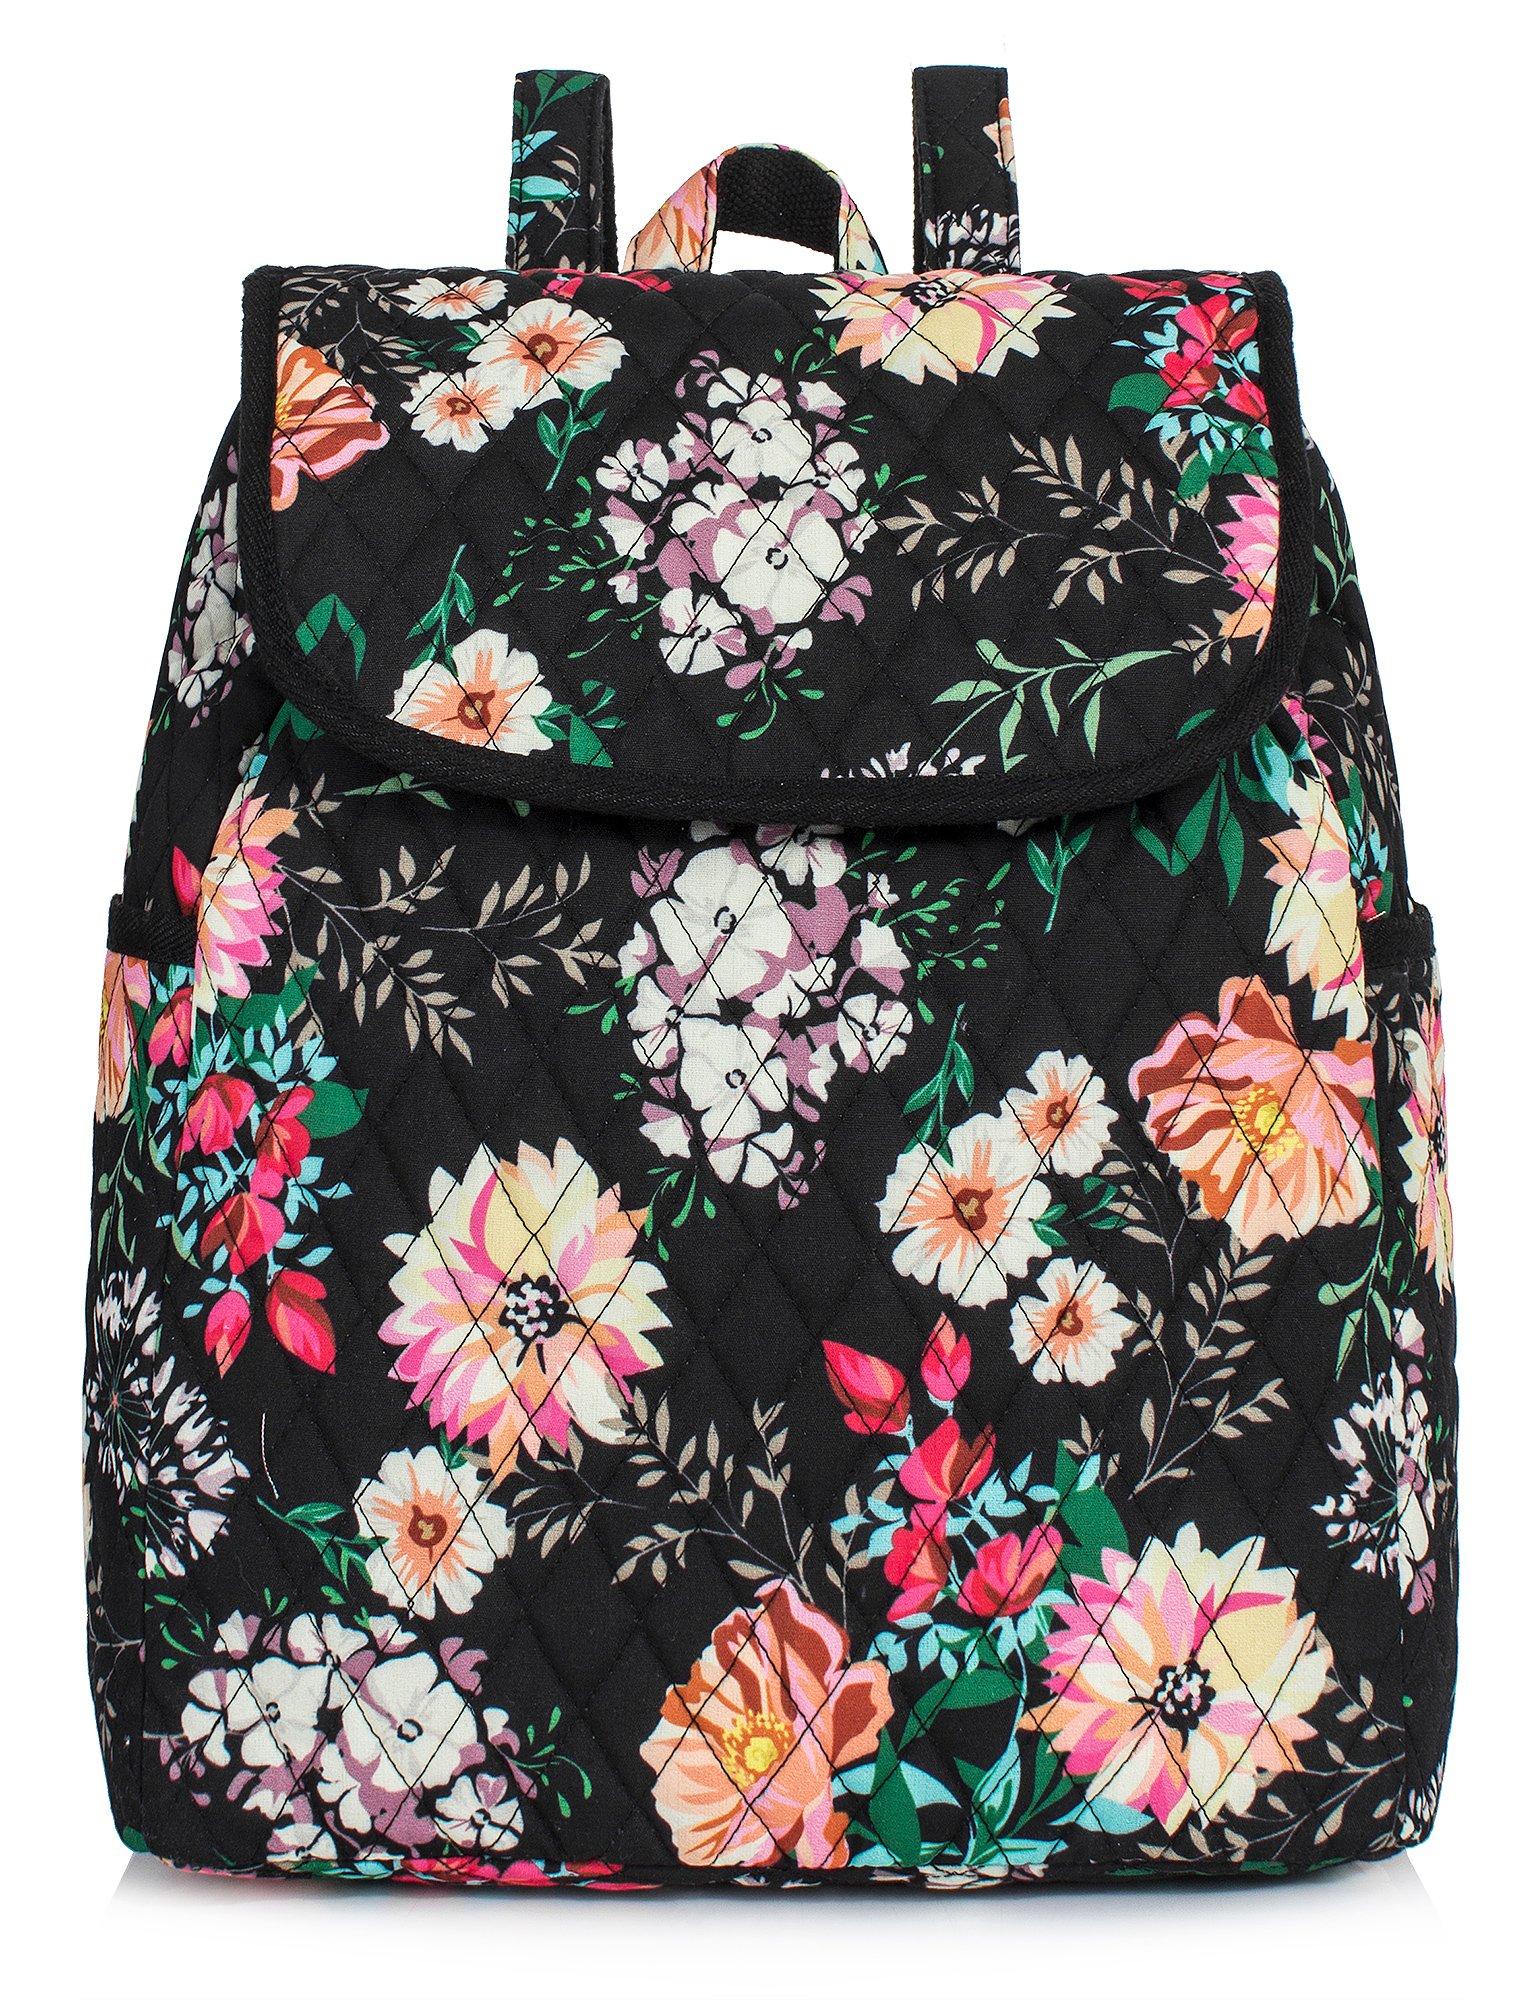 Backpack for Teenage Girls, Floral College Student School School Canvas Bag Knapsack